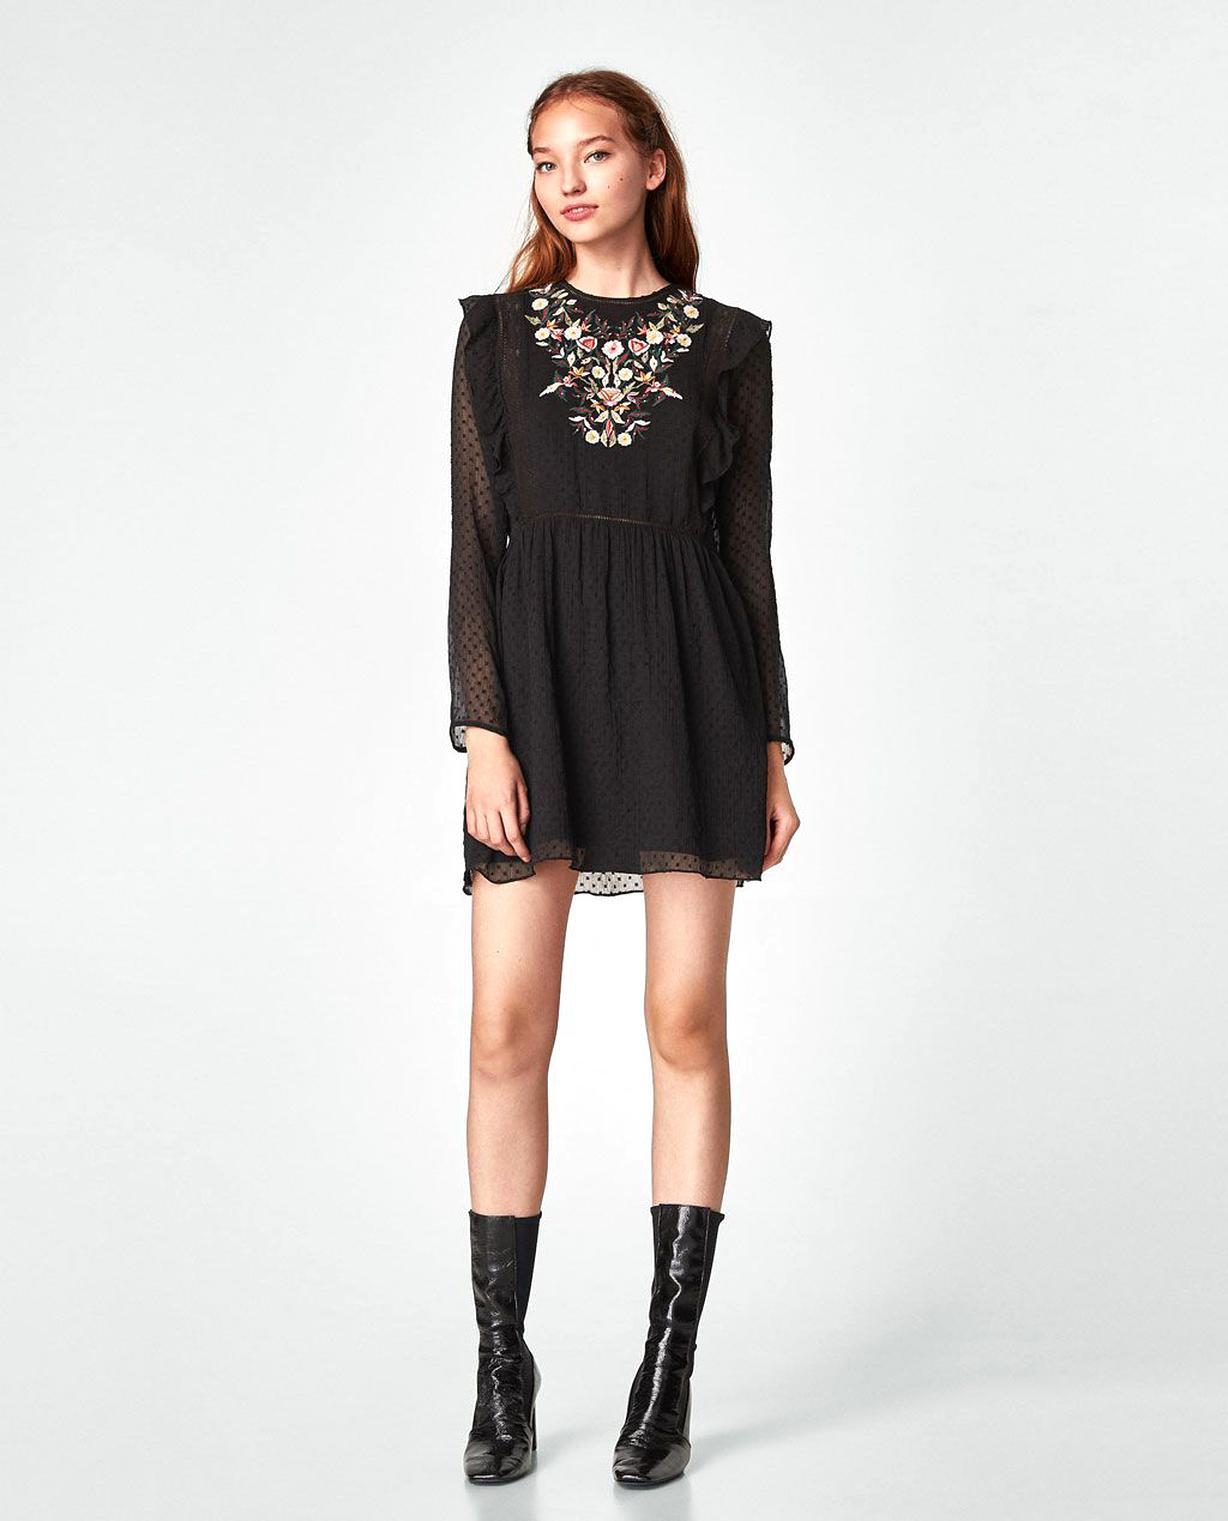 Zara Trf Kleid Gebraucht Kaufen Nur 2 St Bis 60 Günstiger